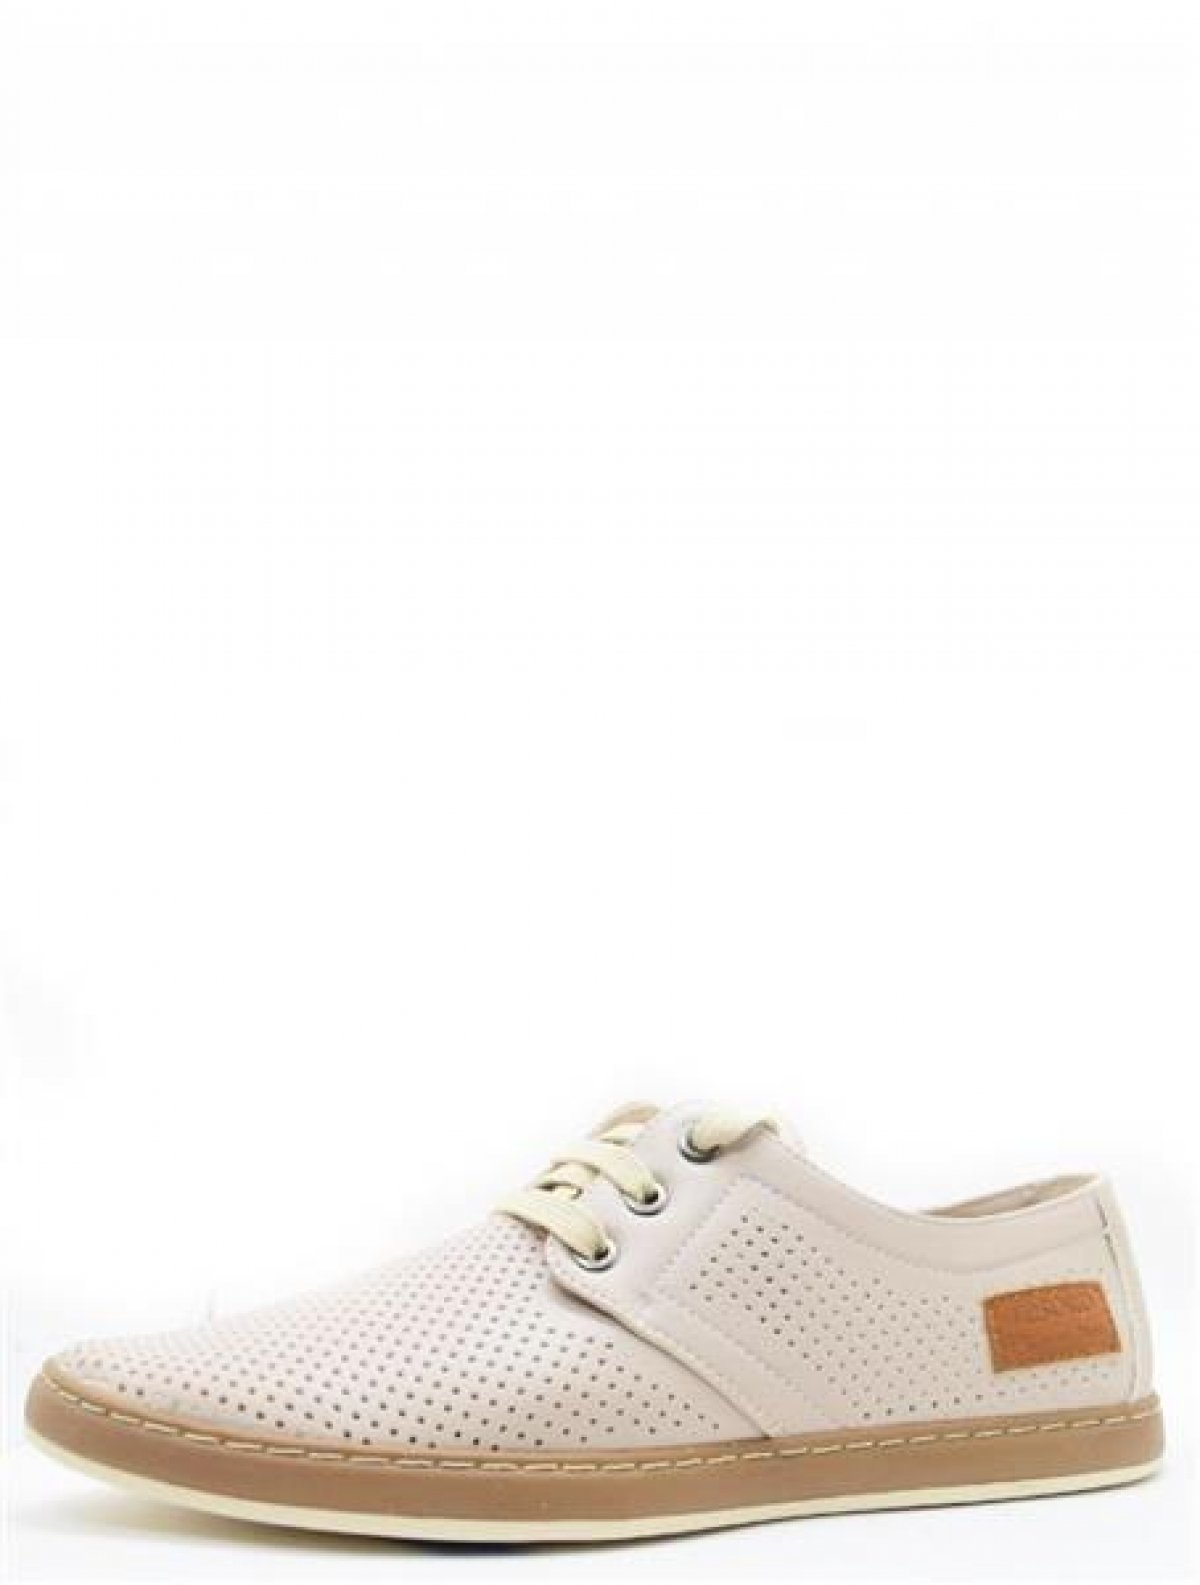 167409/01-03 туфли мужские